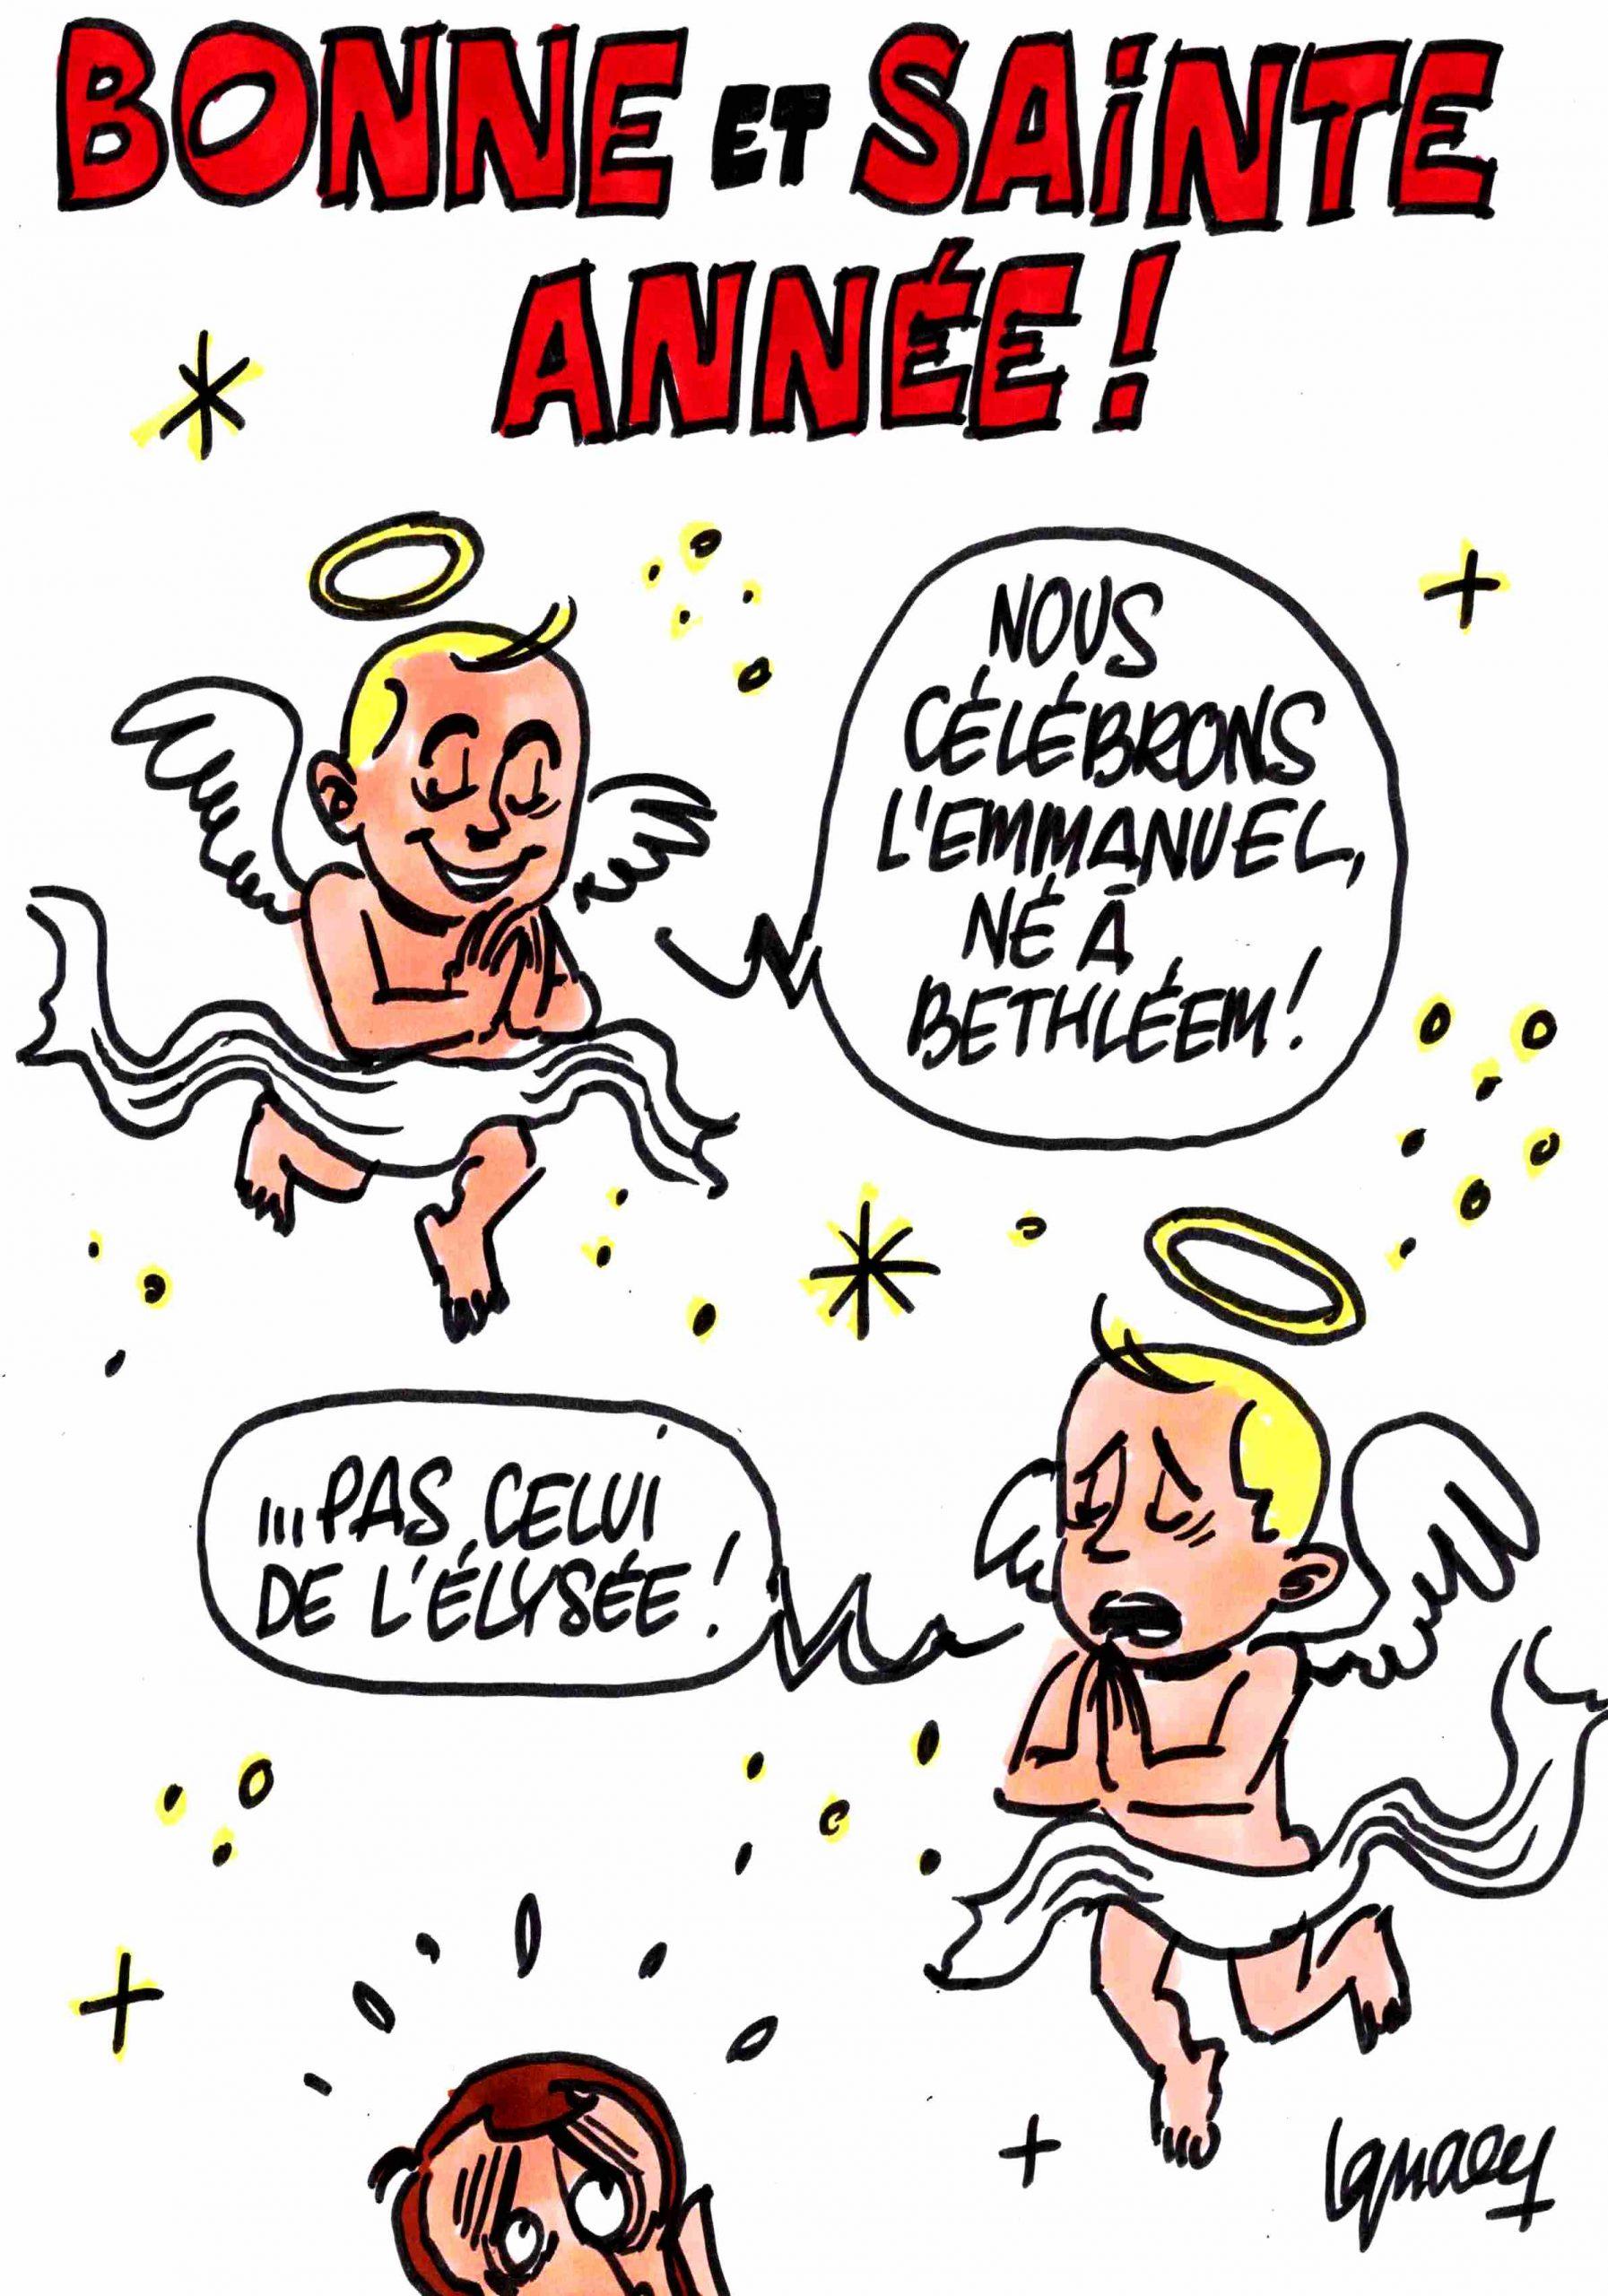 Ignace - Bonne et sainte année !